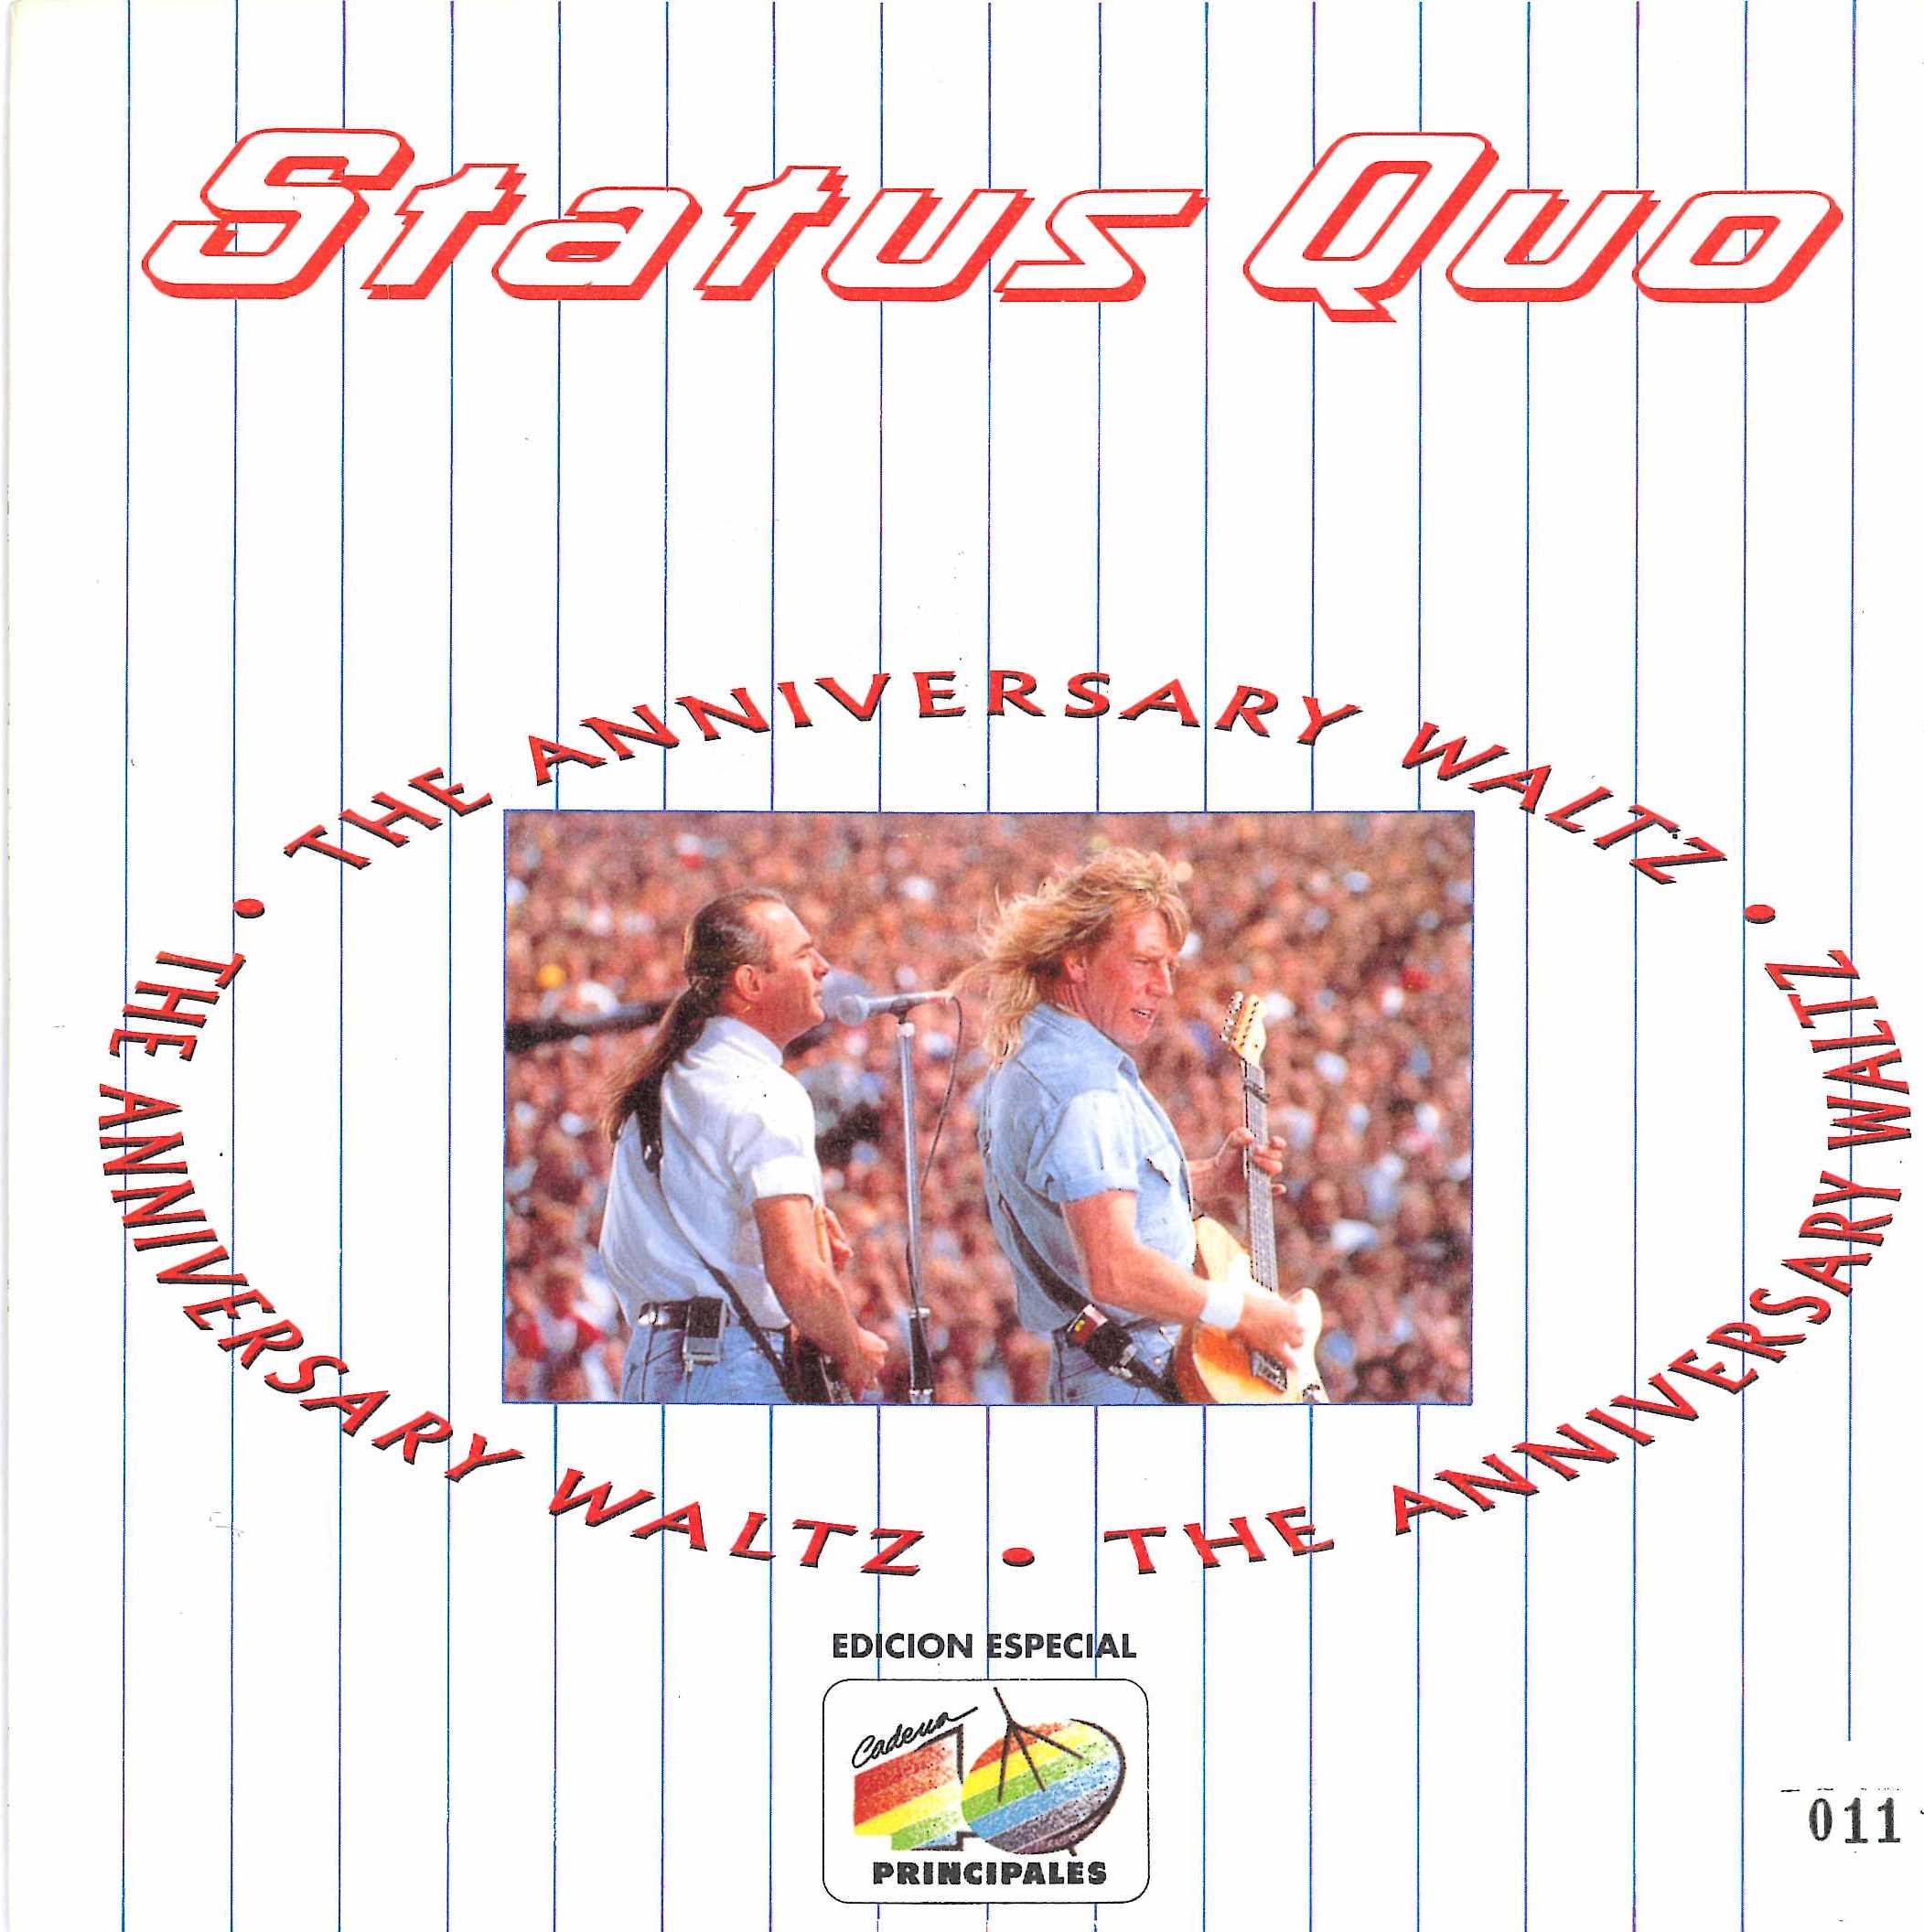 The 40 Principales anniversary waltz (Edición especial 40)